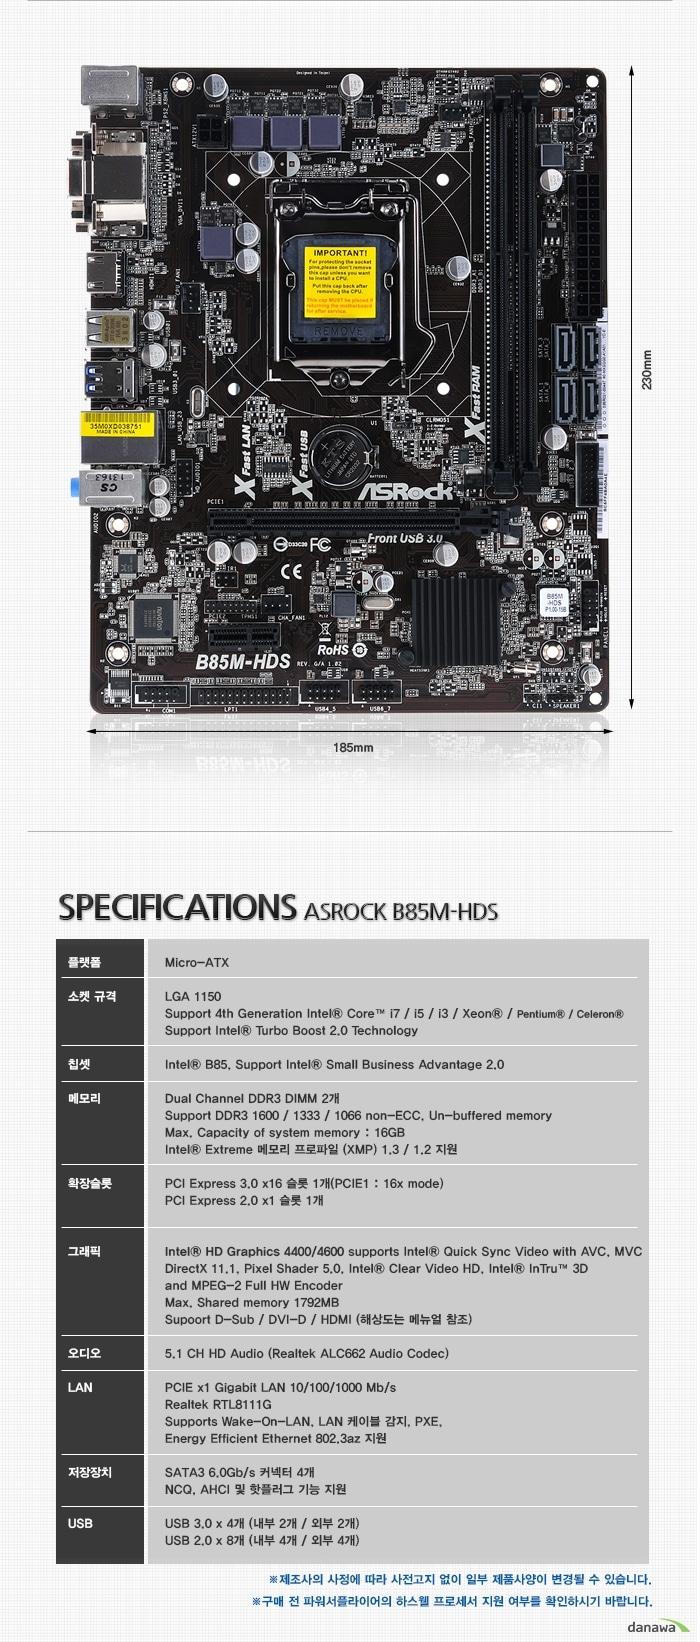 ASRock B85M-HDS 제품 정면 이미지 및 실측 사이즈, 상세 제품 사양 이미지